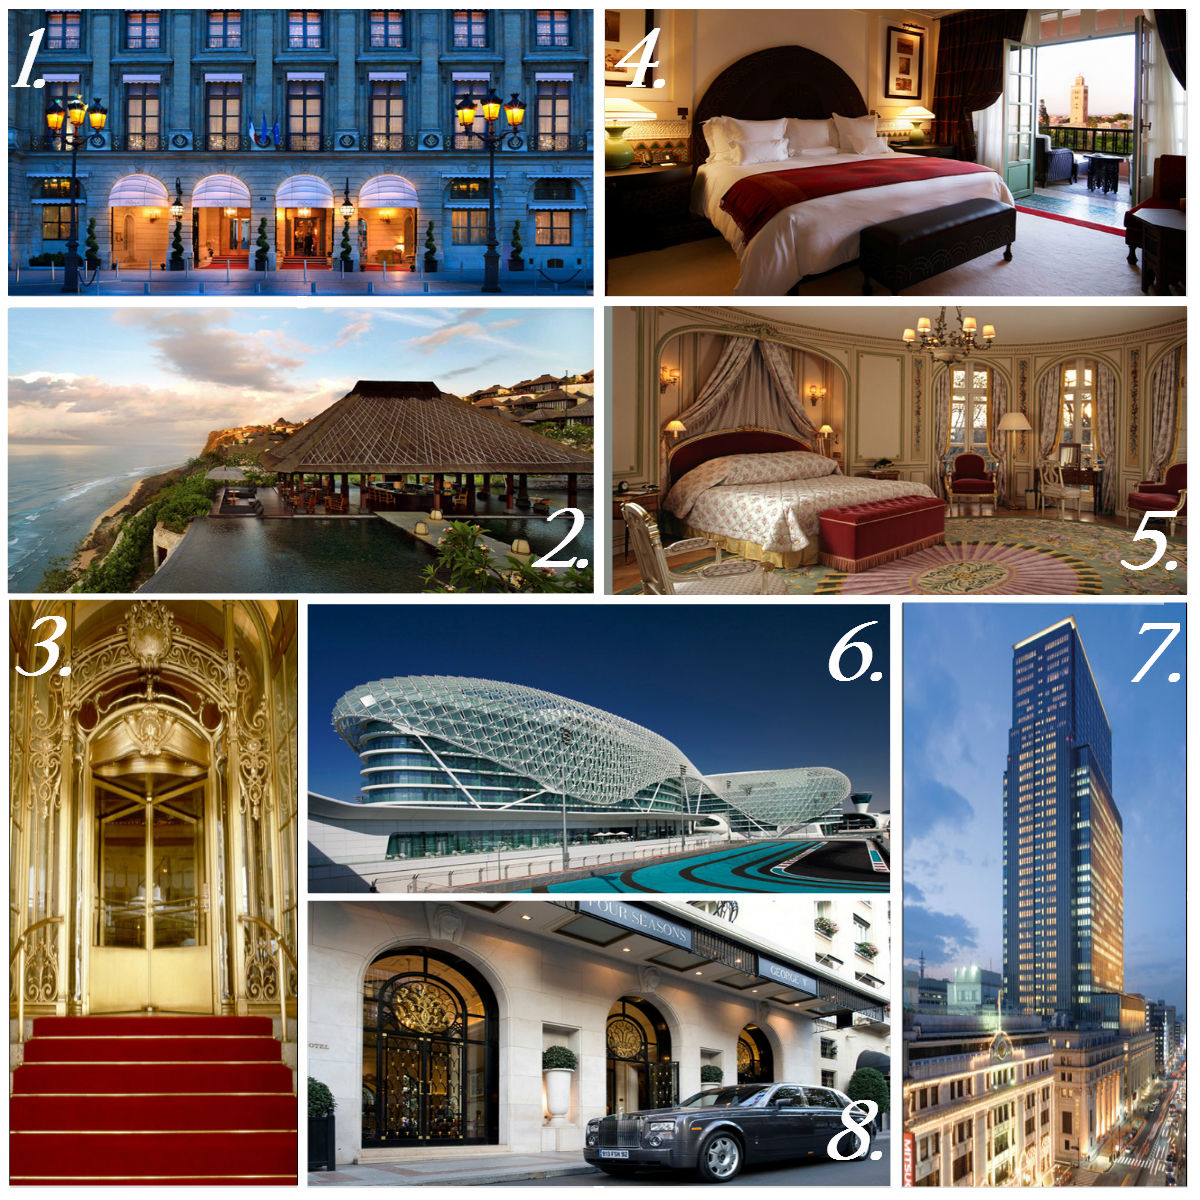 Los 15 mejores hoteles del mundo - Hoteles ritz en el mundo ...